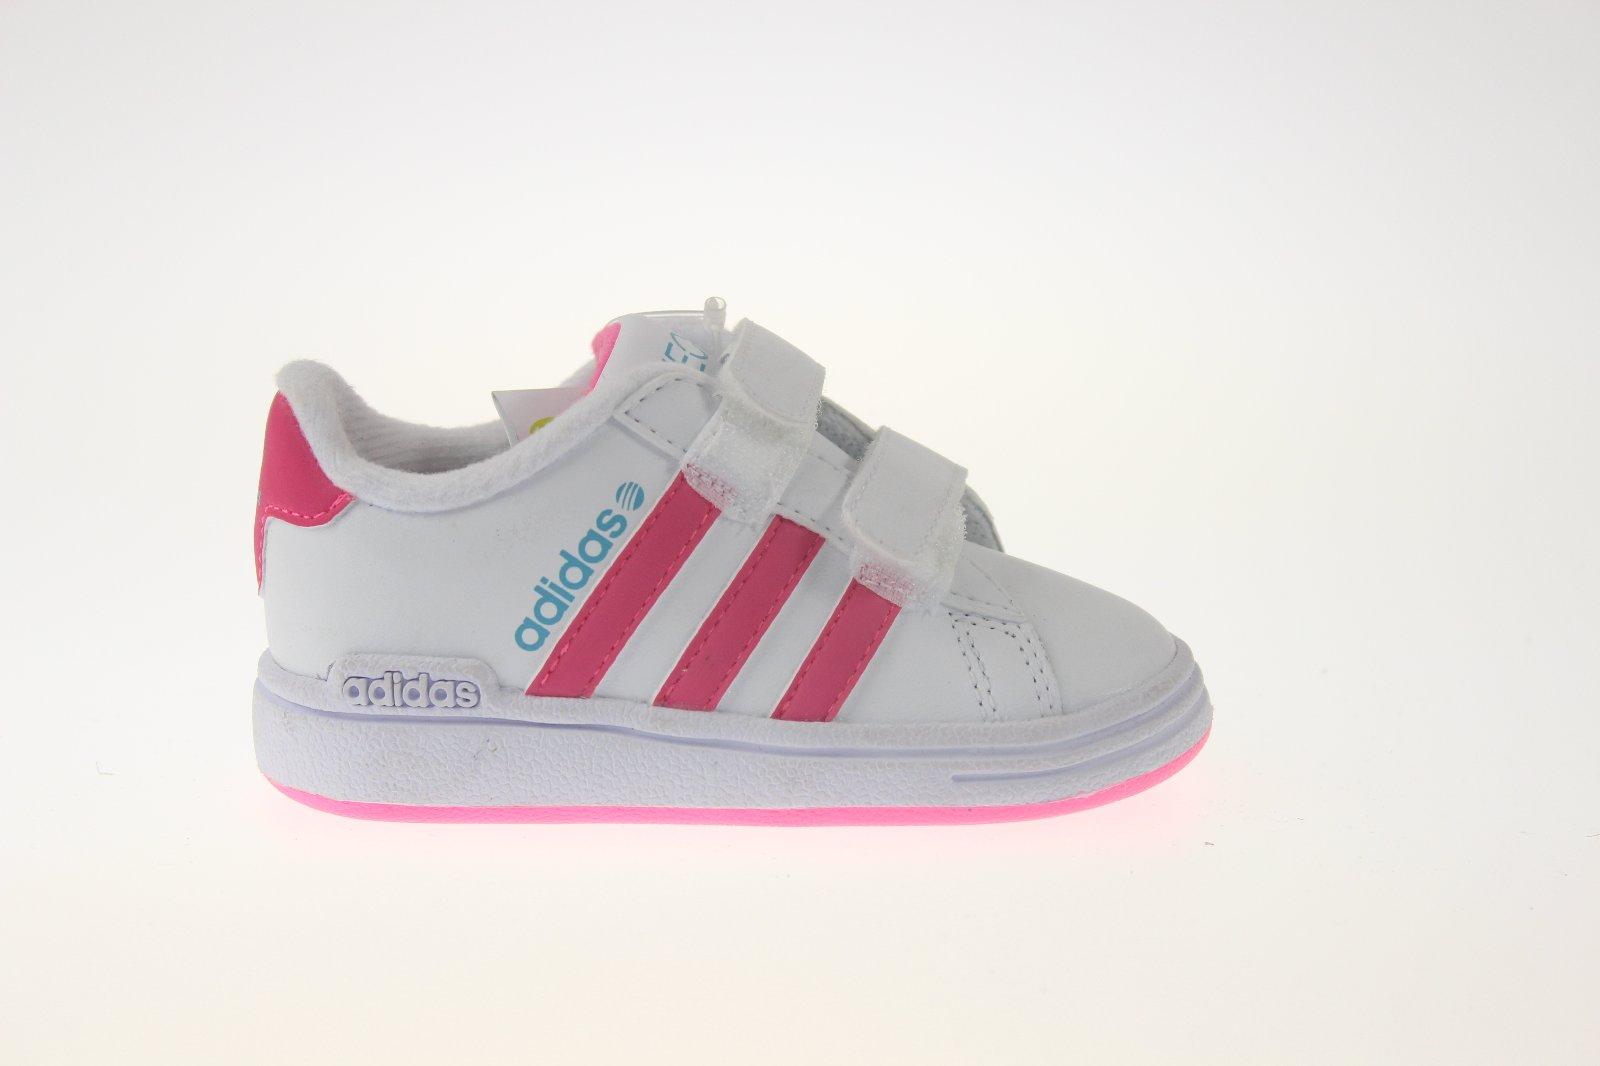 954a5332e Dievčenské tenisky adidas 11122, adidas,21 - 26,36 € od predávajúcej  susana09 | Detský bazár | ModryKonik.sk